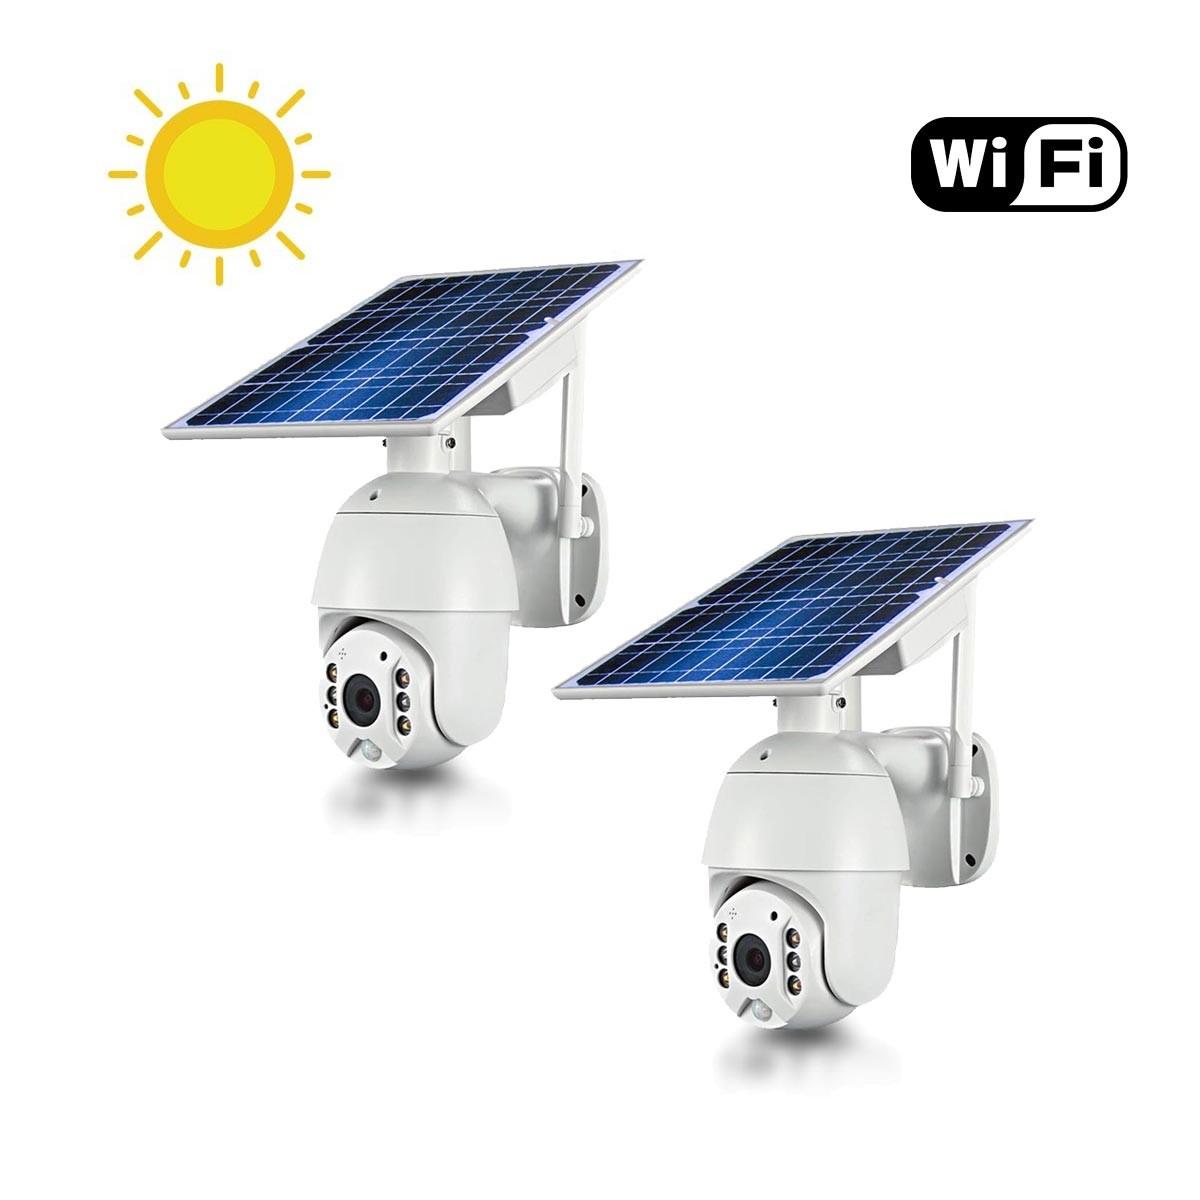 Kit 2 caméras pilotables solaires IP Wifi HD 1080P waterproof Infrarouges accès à distance via iPhone Android 64 Go inclus